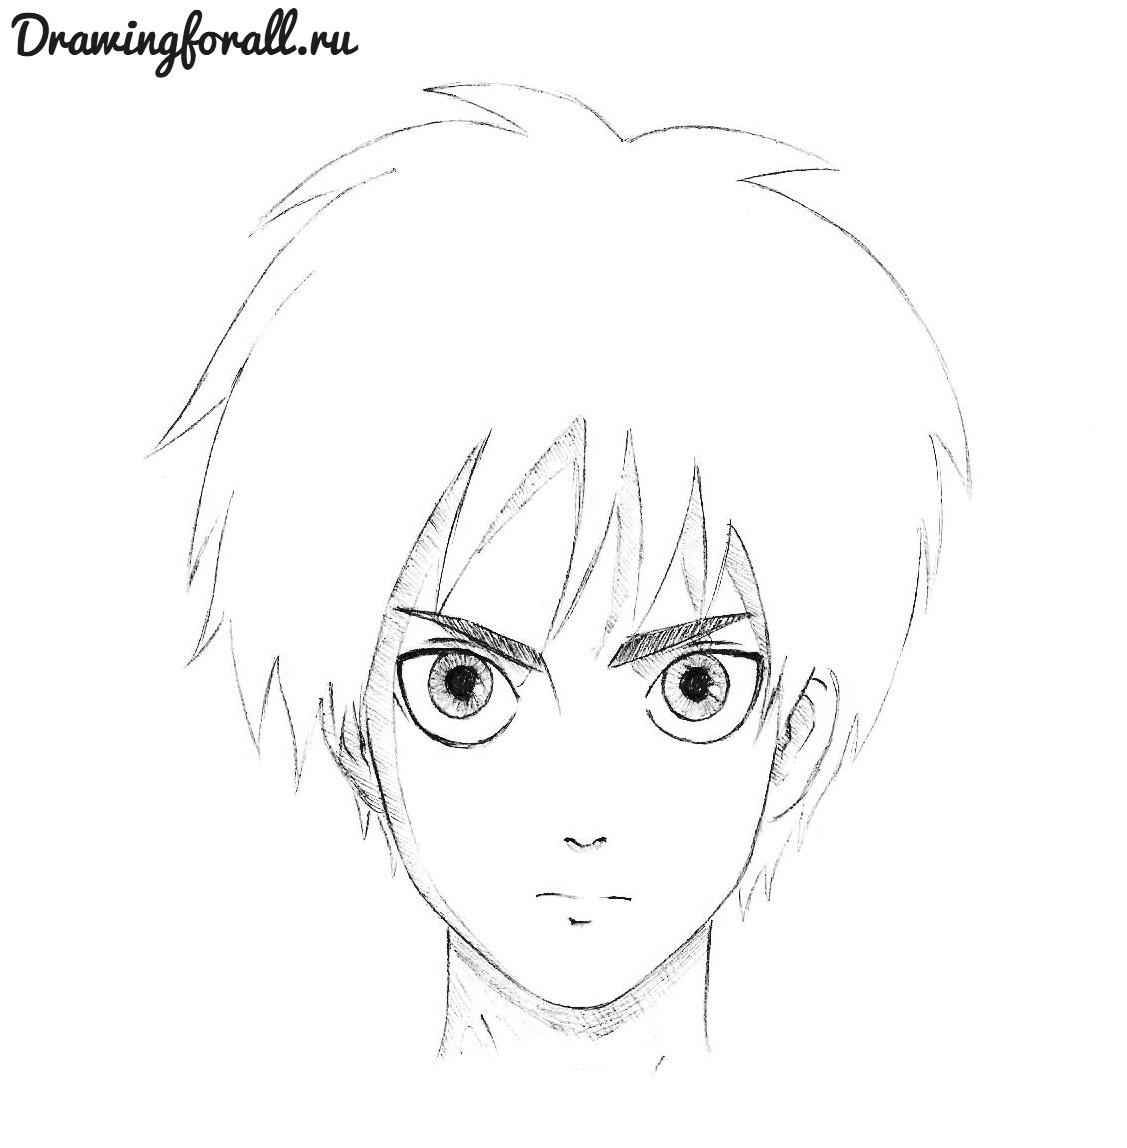 11-как-нарисовать-аниме-лицо Картинки аниме для срисовки карандашом. Животные, лица девушек, парней поэтапно. Мастер-классы для начинающих